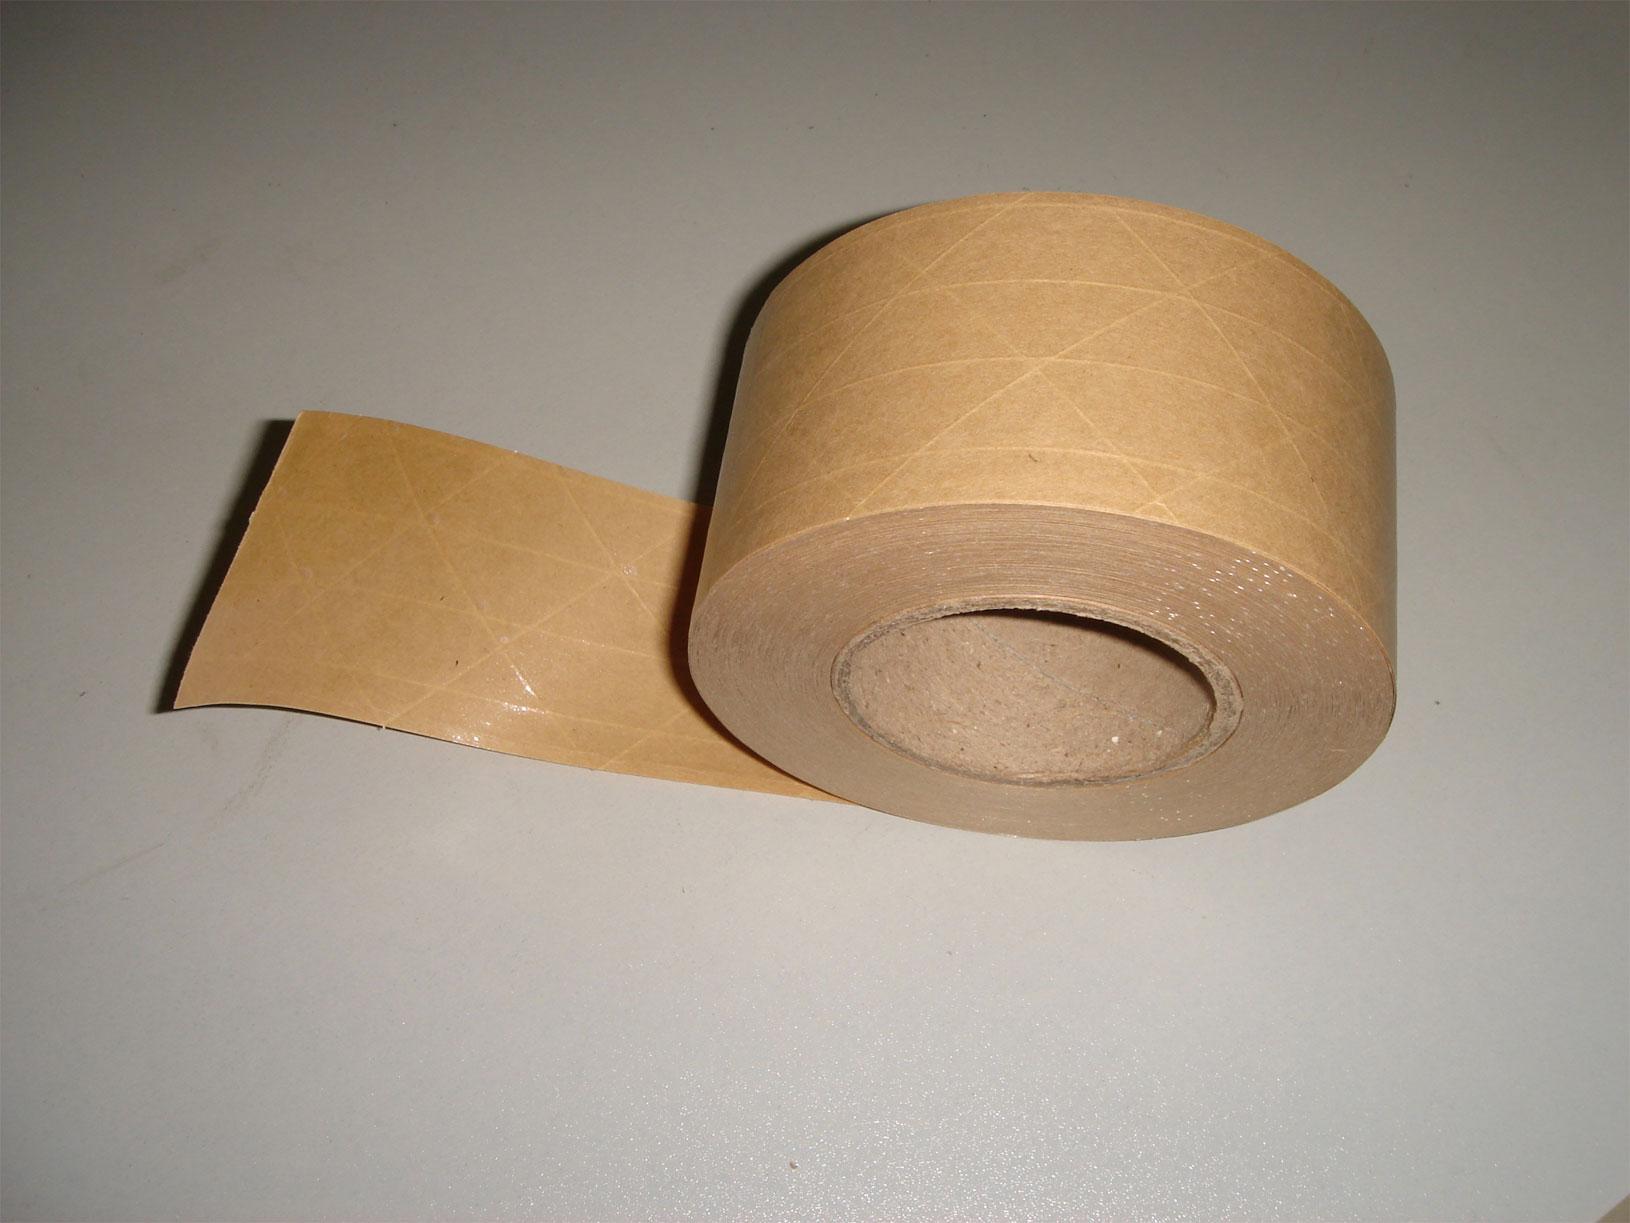 泉州三匹特种粘胶带有限公司生产供应湿水纤维牛皮纸胶带